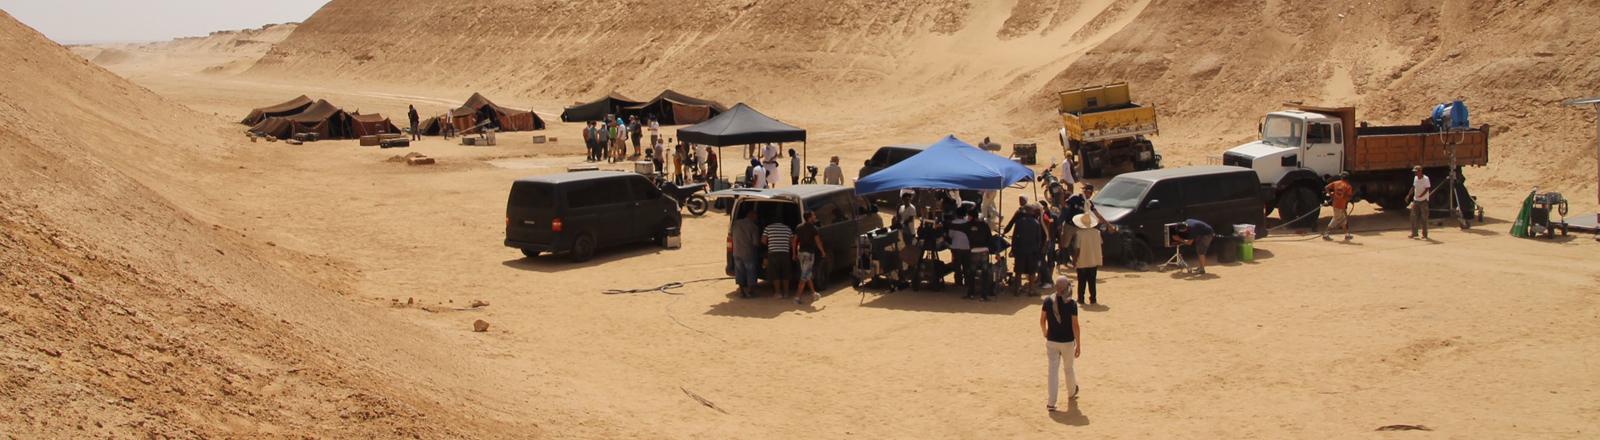 Dreharbeiten in der Wüste